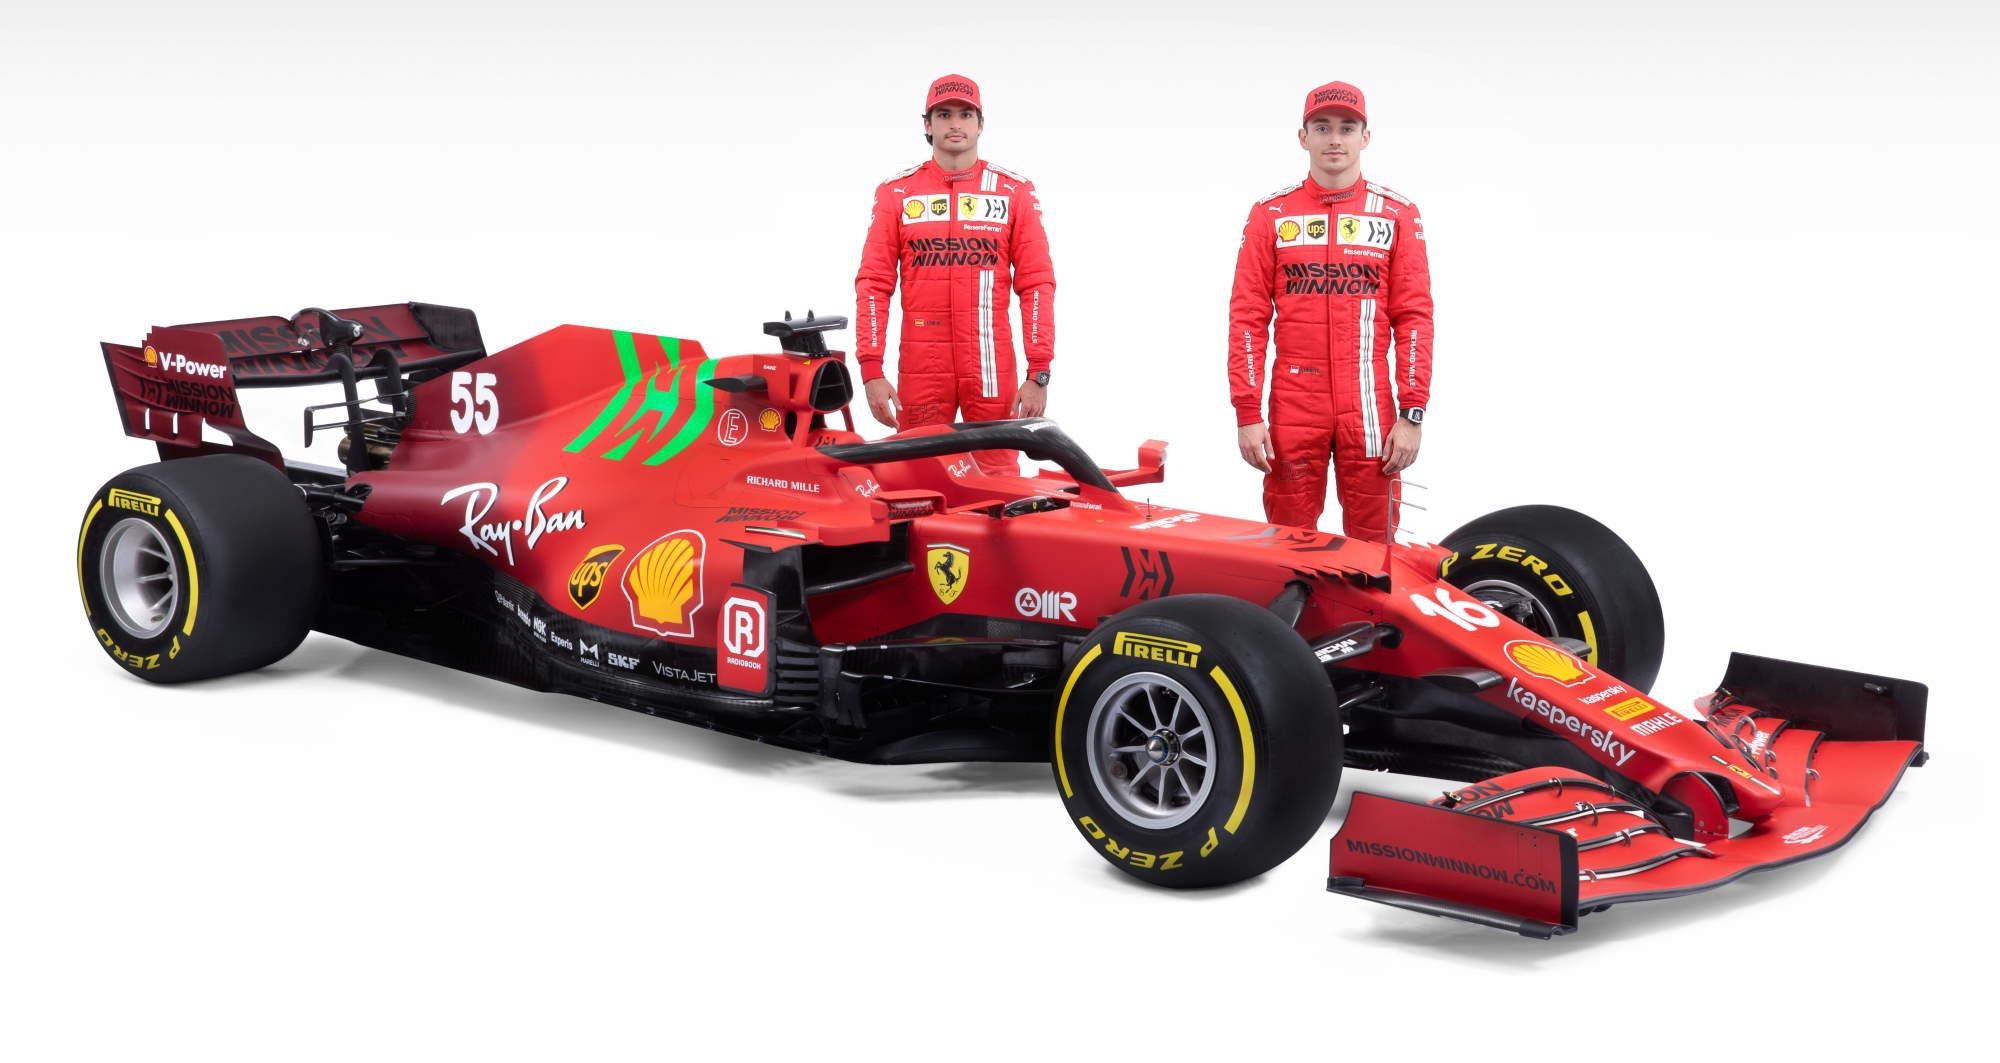 2021 Ferrari SF21 studio photo with Leclerc Sainz Photo Ferrari